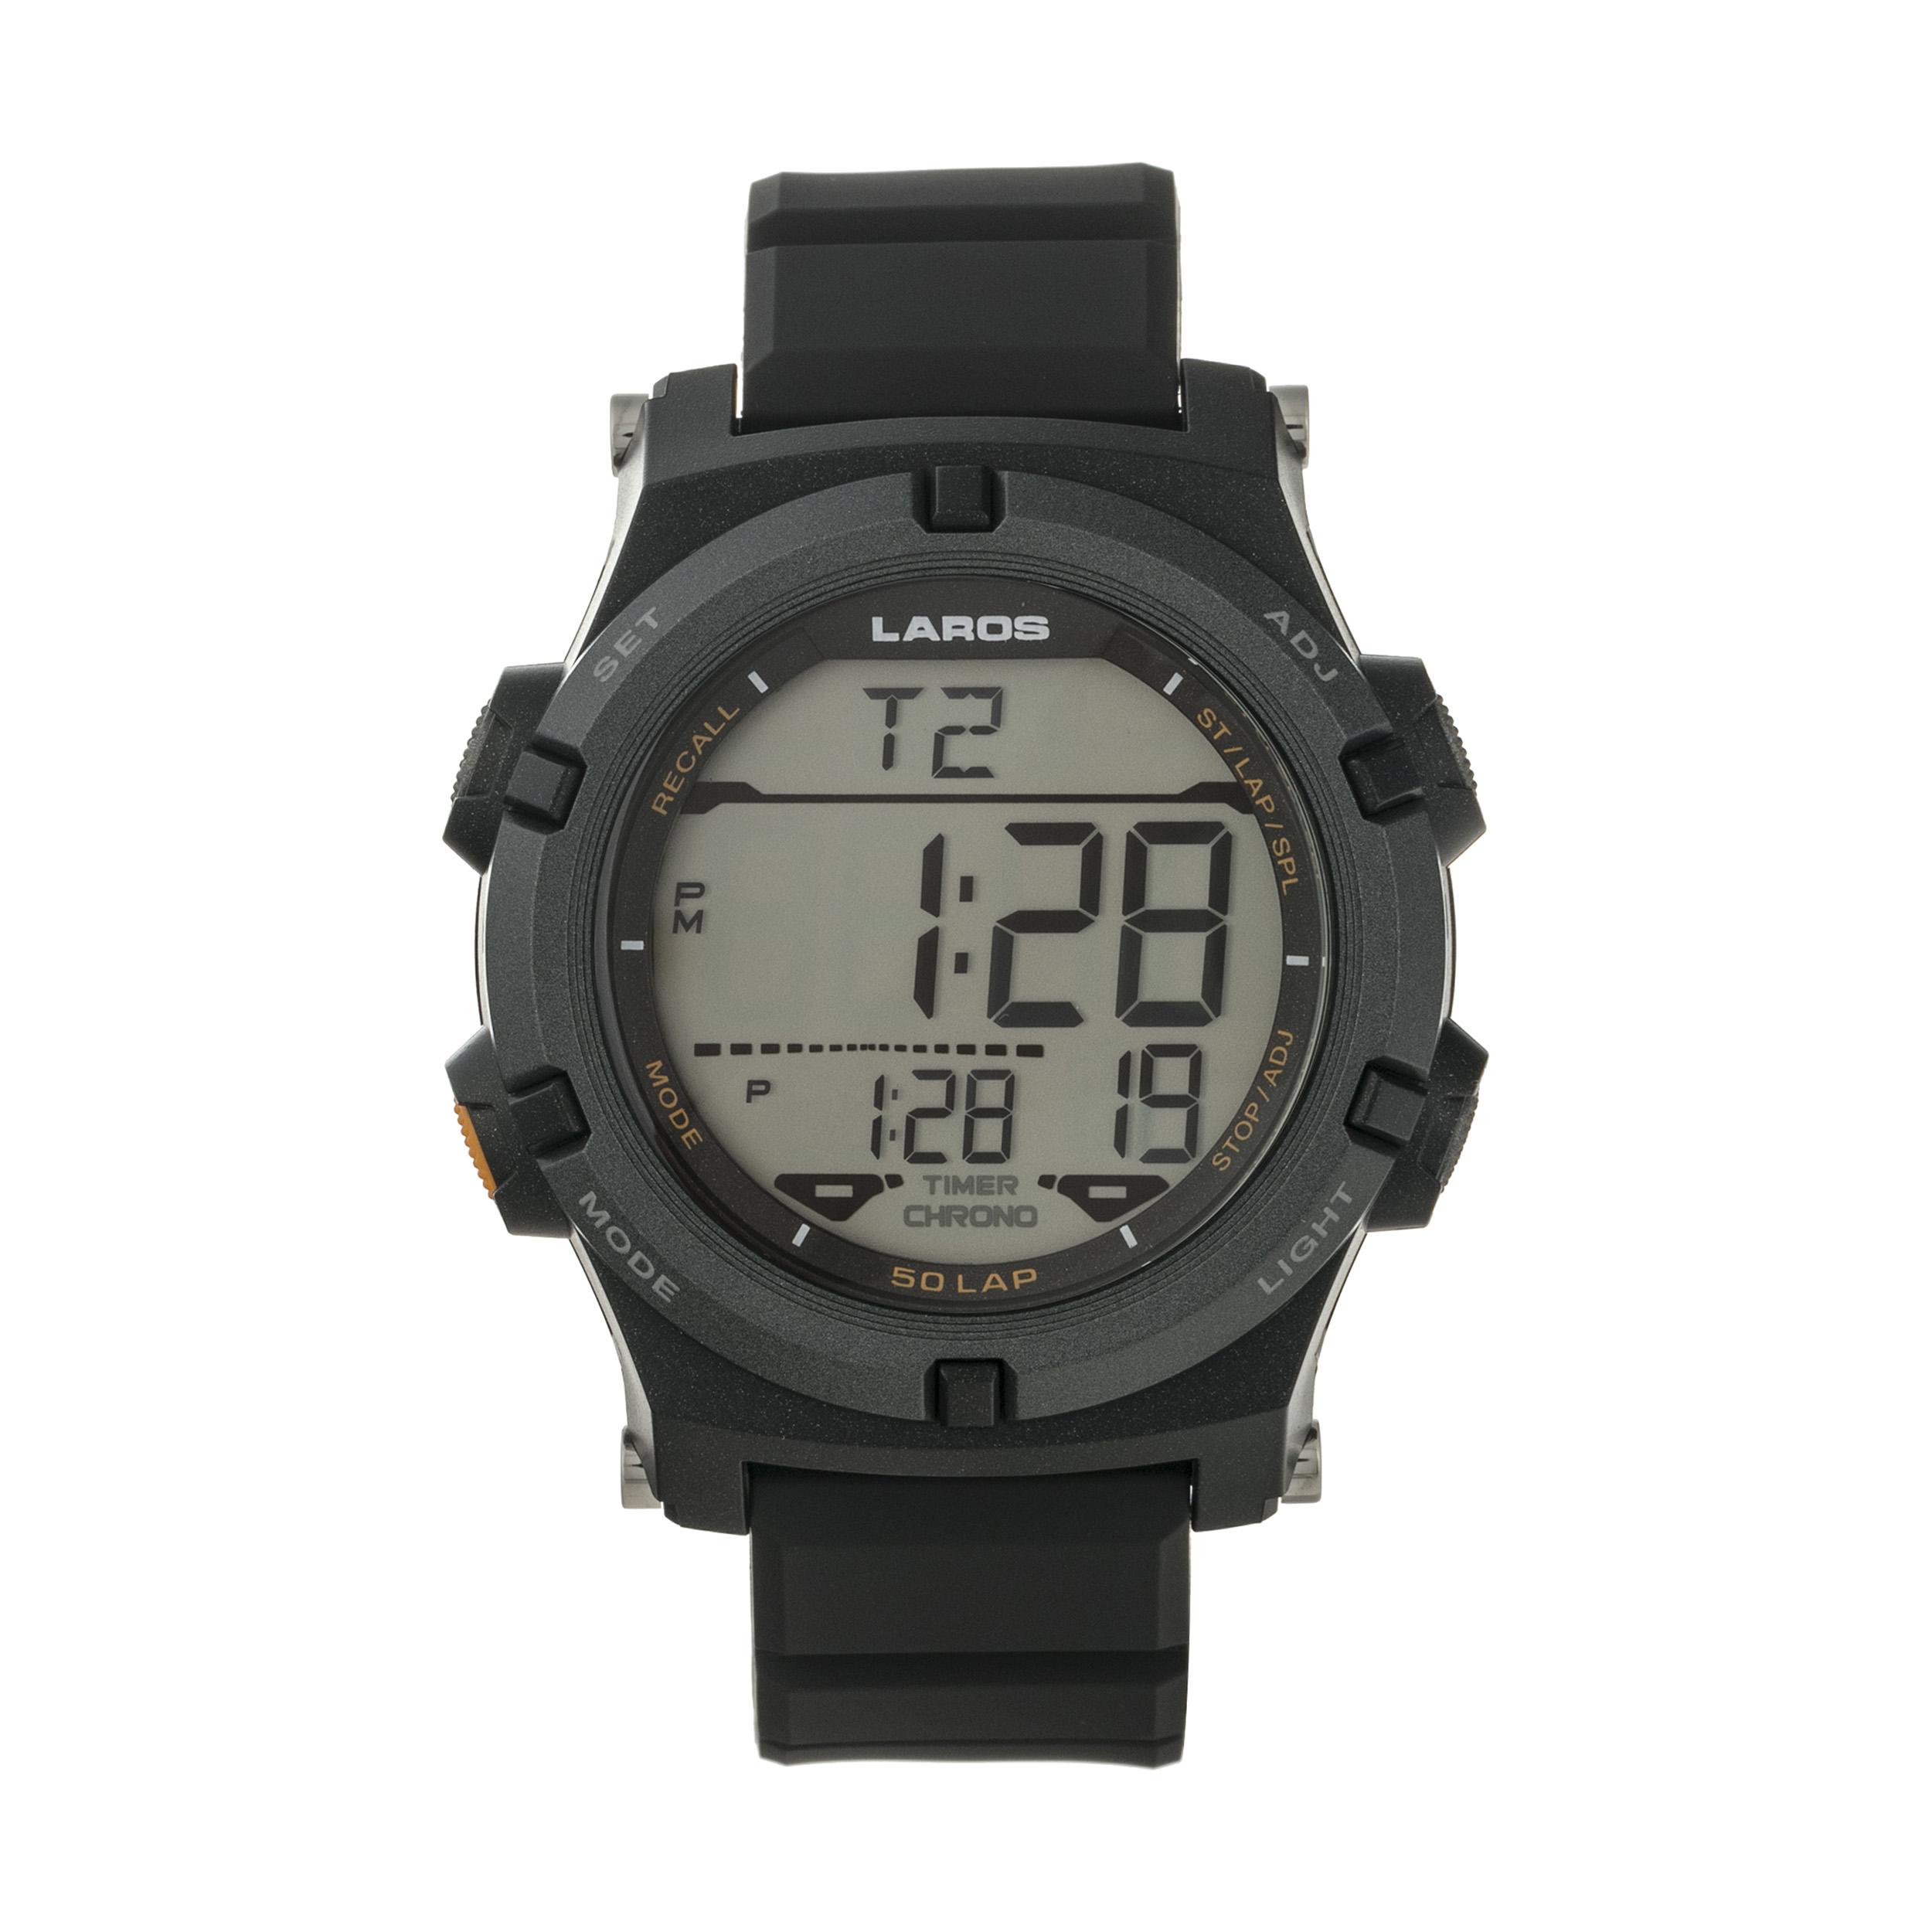 ساعت مچی دیجیتال مردانه لاروس مدل M1192-0318  به همراه دستمال مخصوص نانو برند کلیر واچ 40